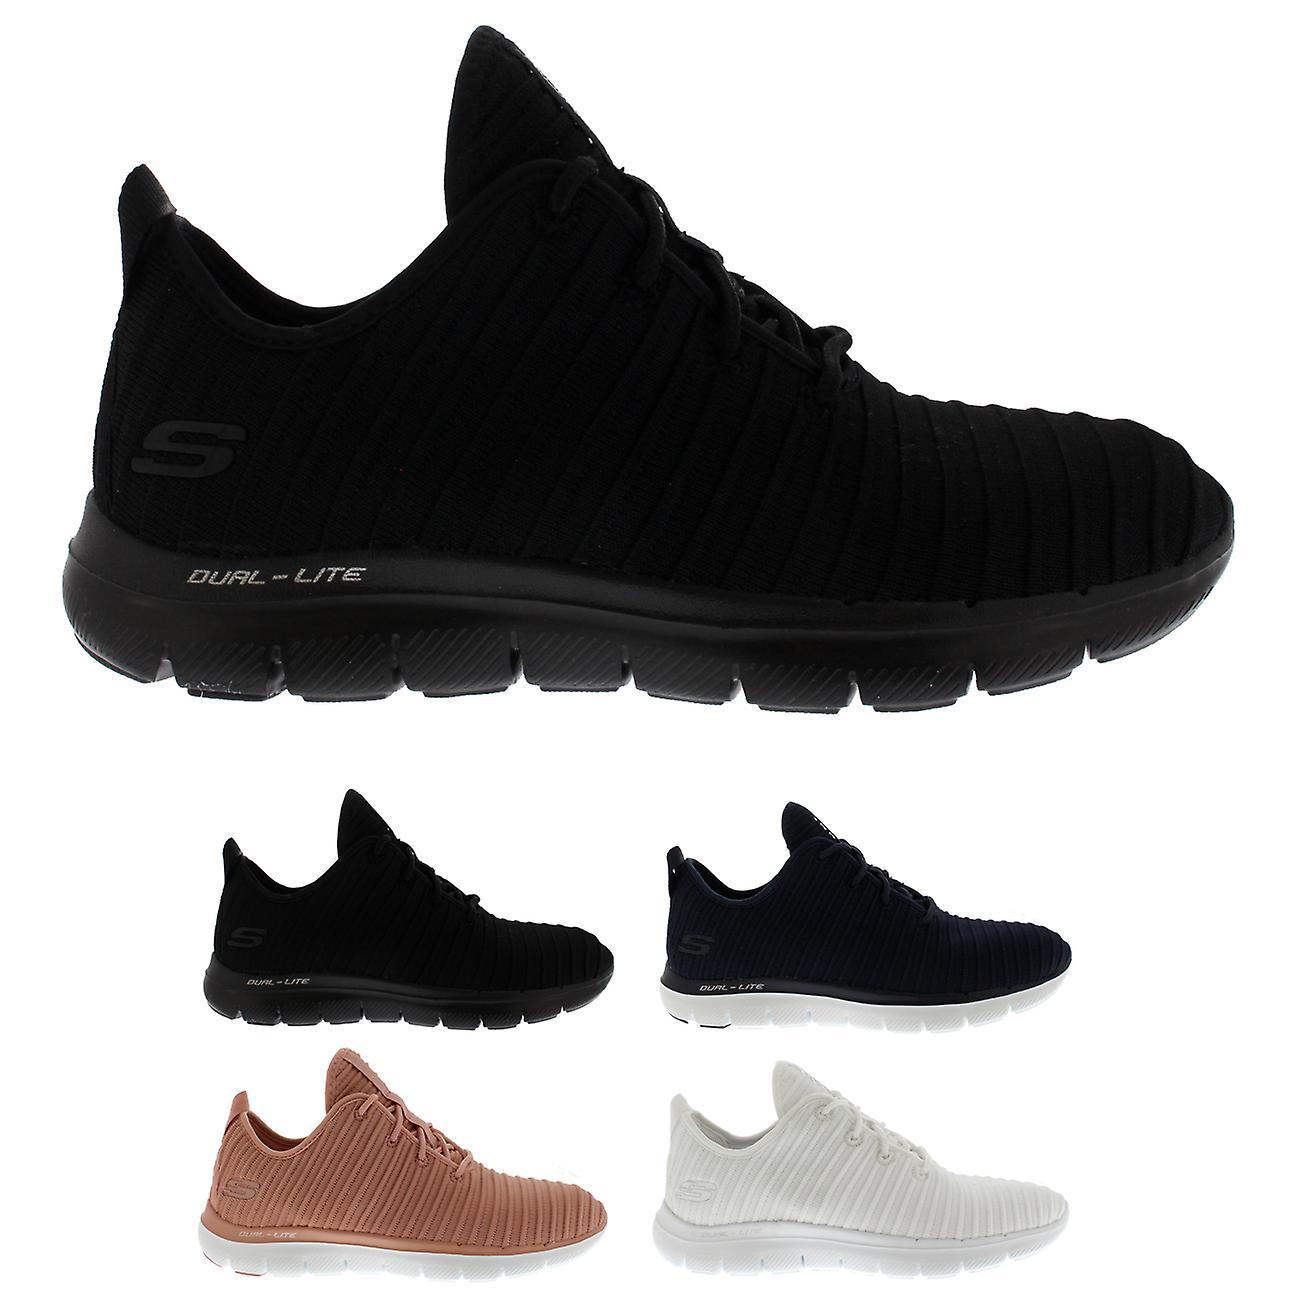 01d99c93d5b Womens Skechers Flex Appeal 2.0 Estates Memory Foam Lightweight Sneakers